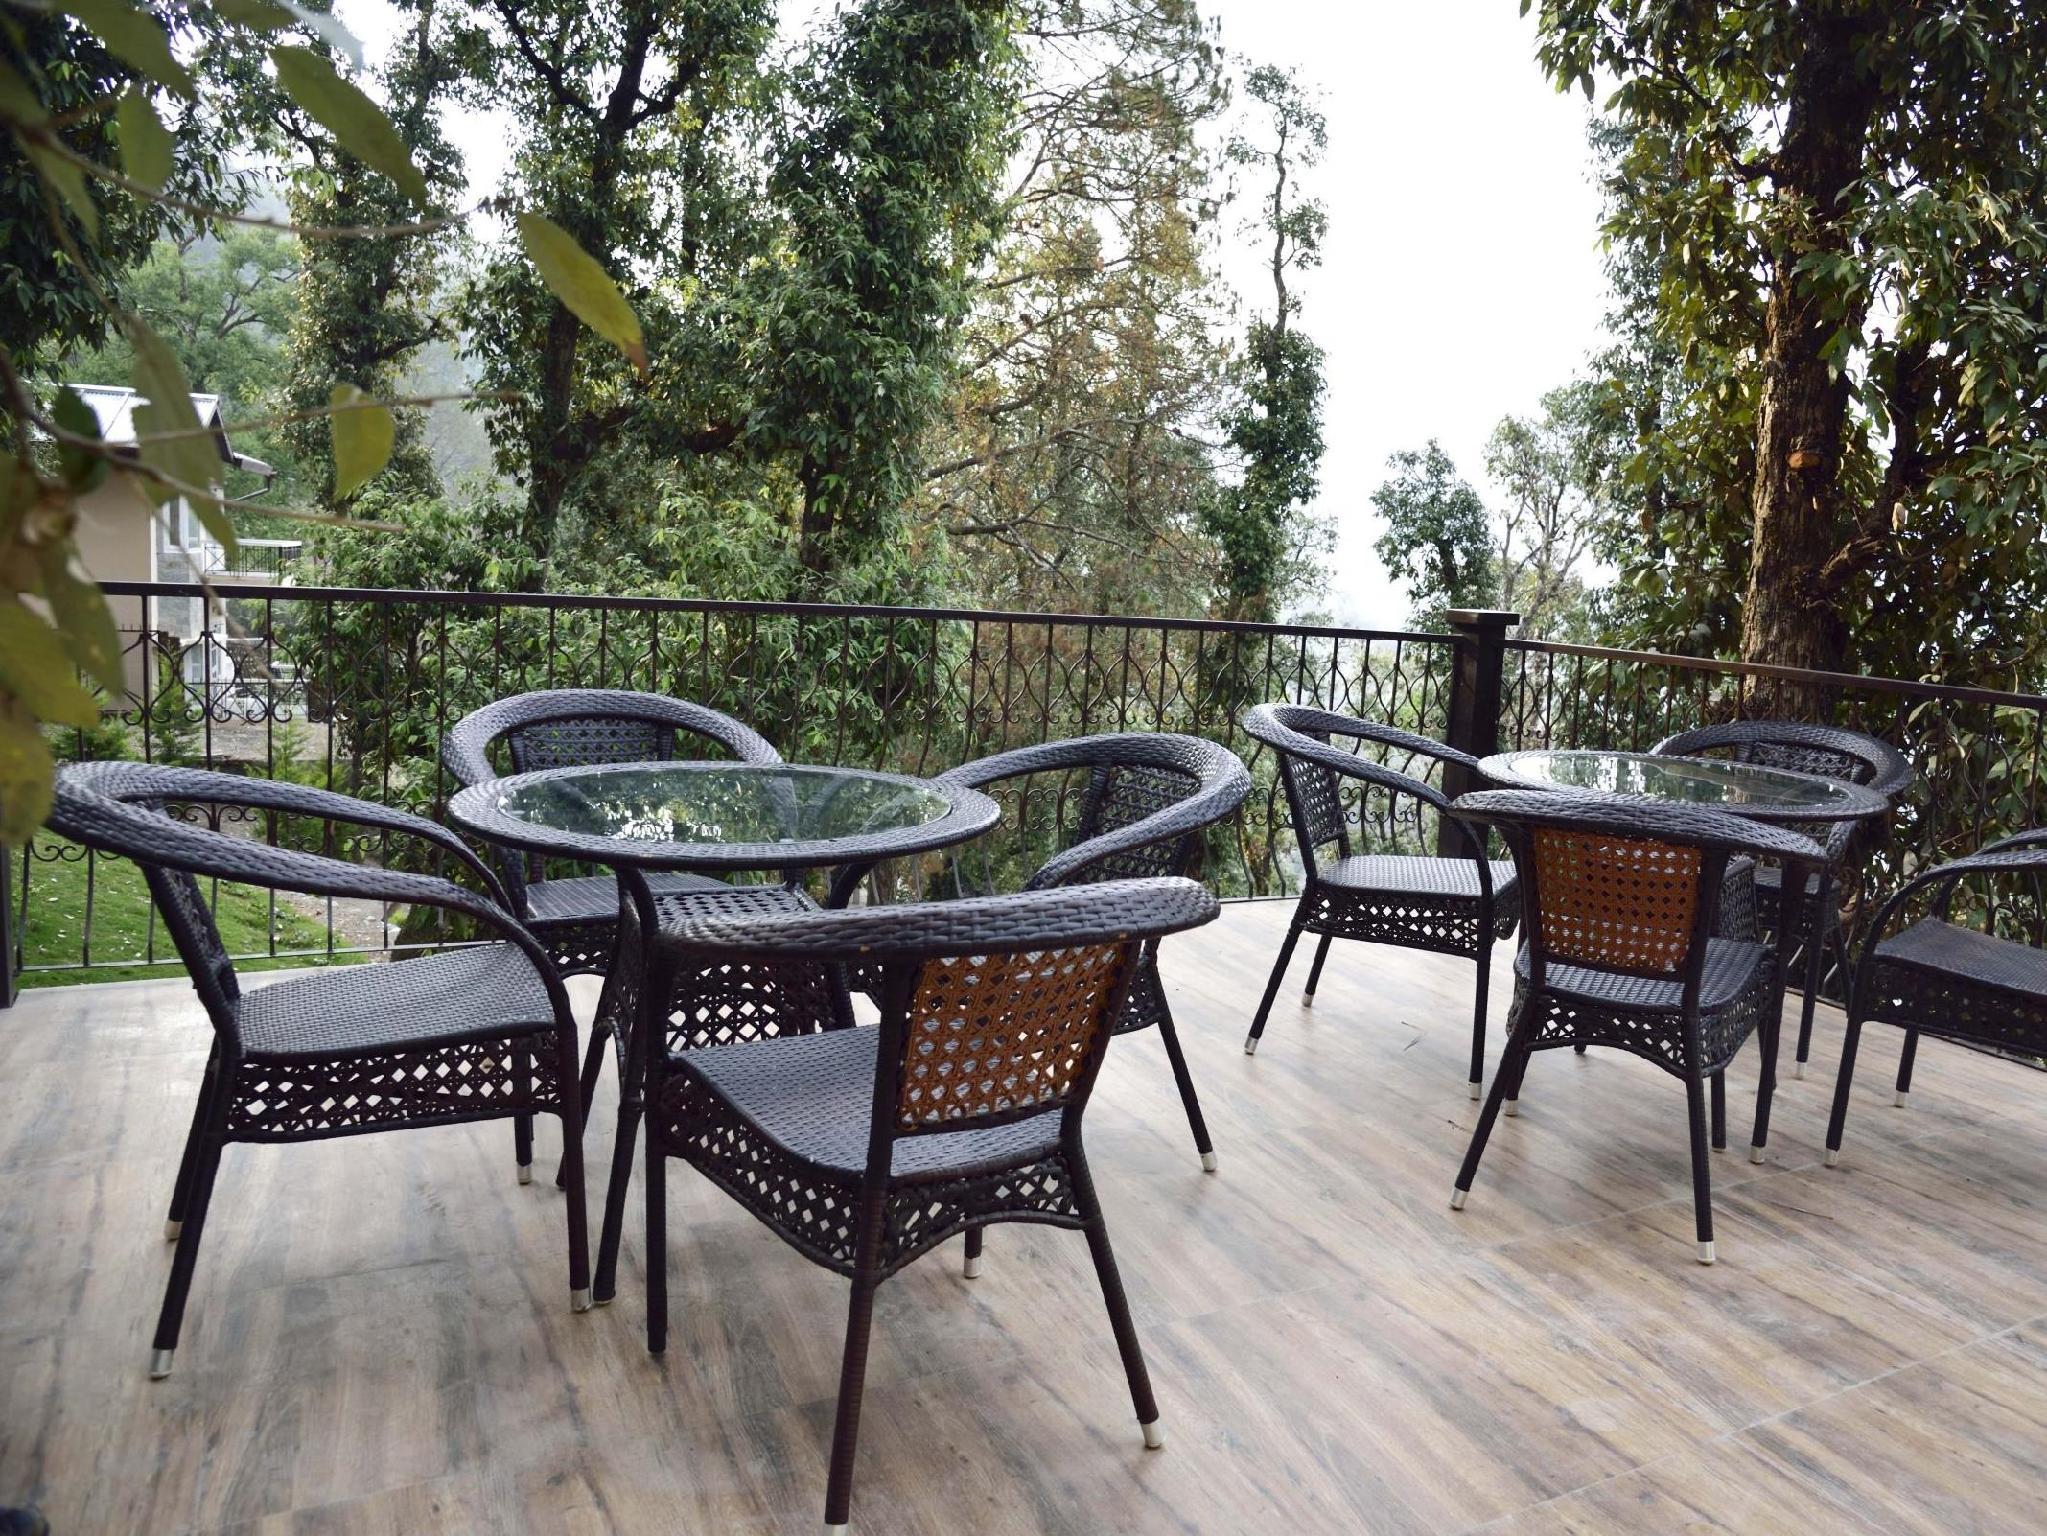 The Fern Hillside Resort 5